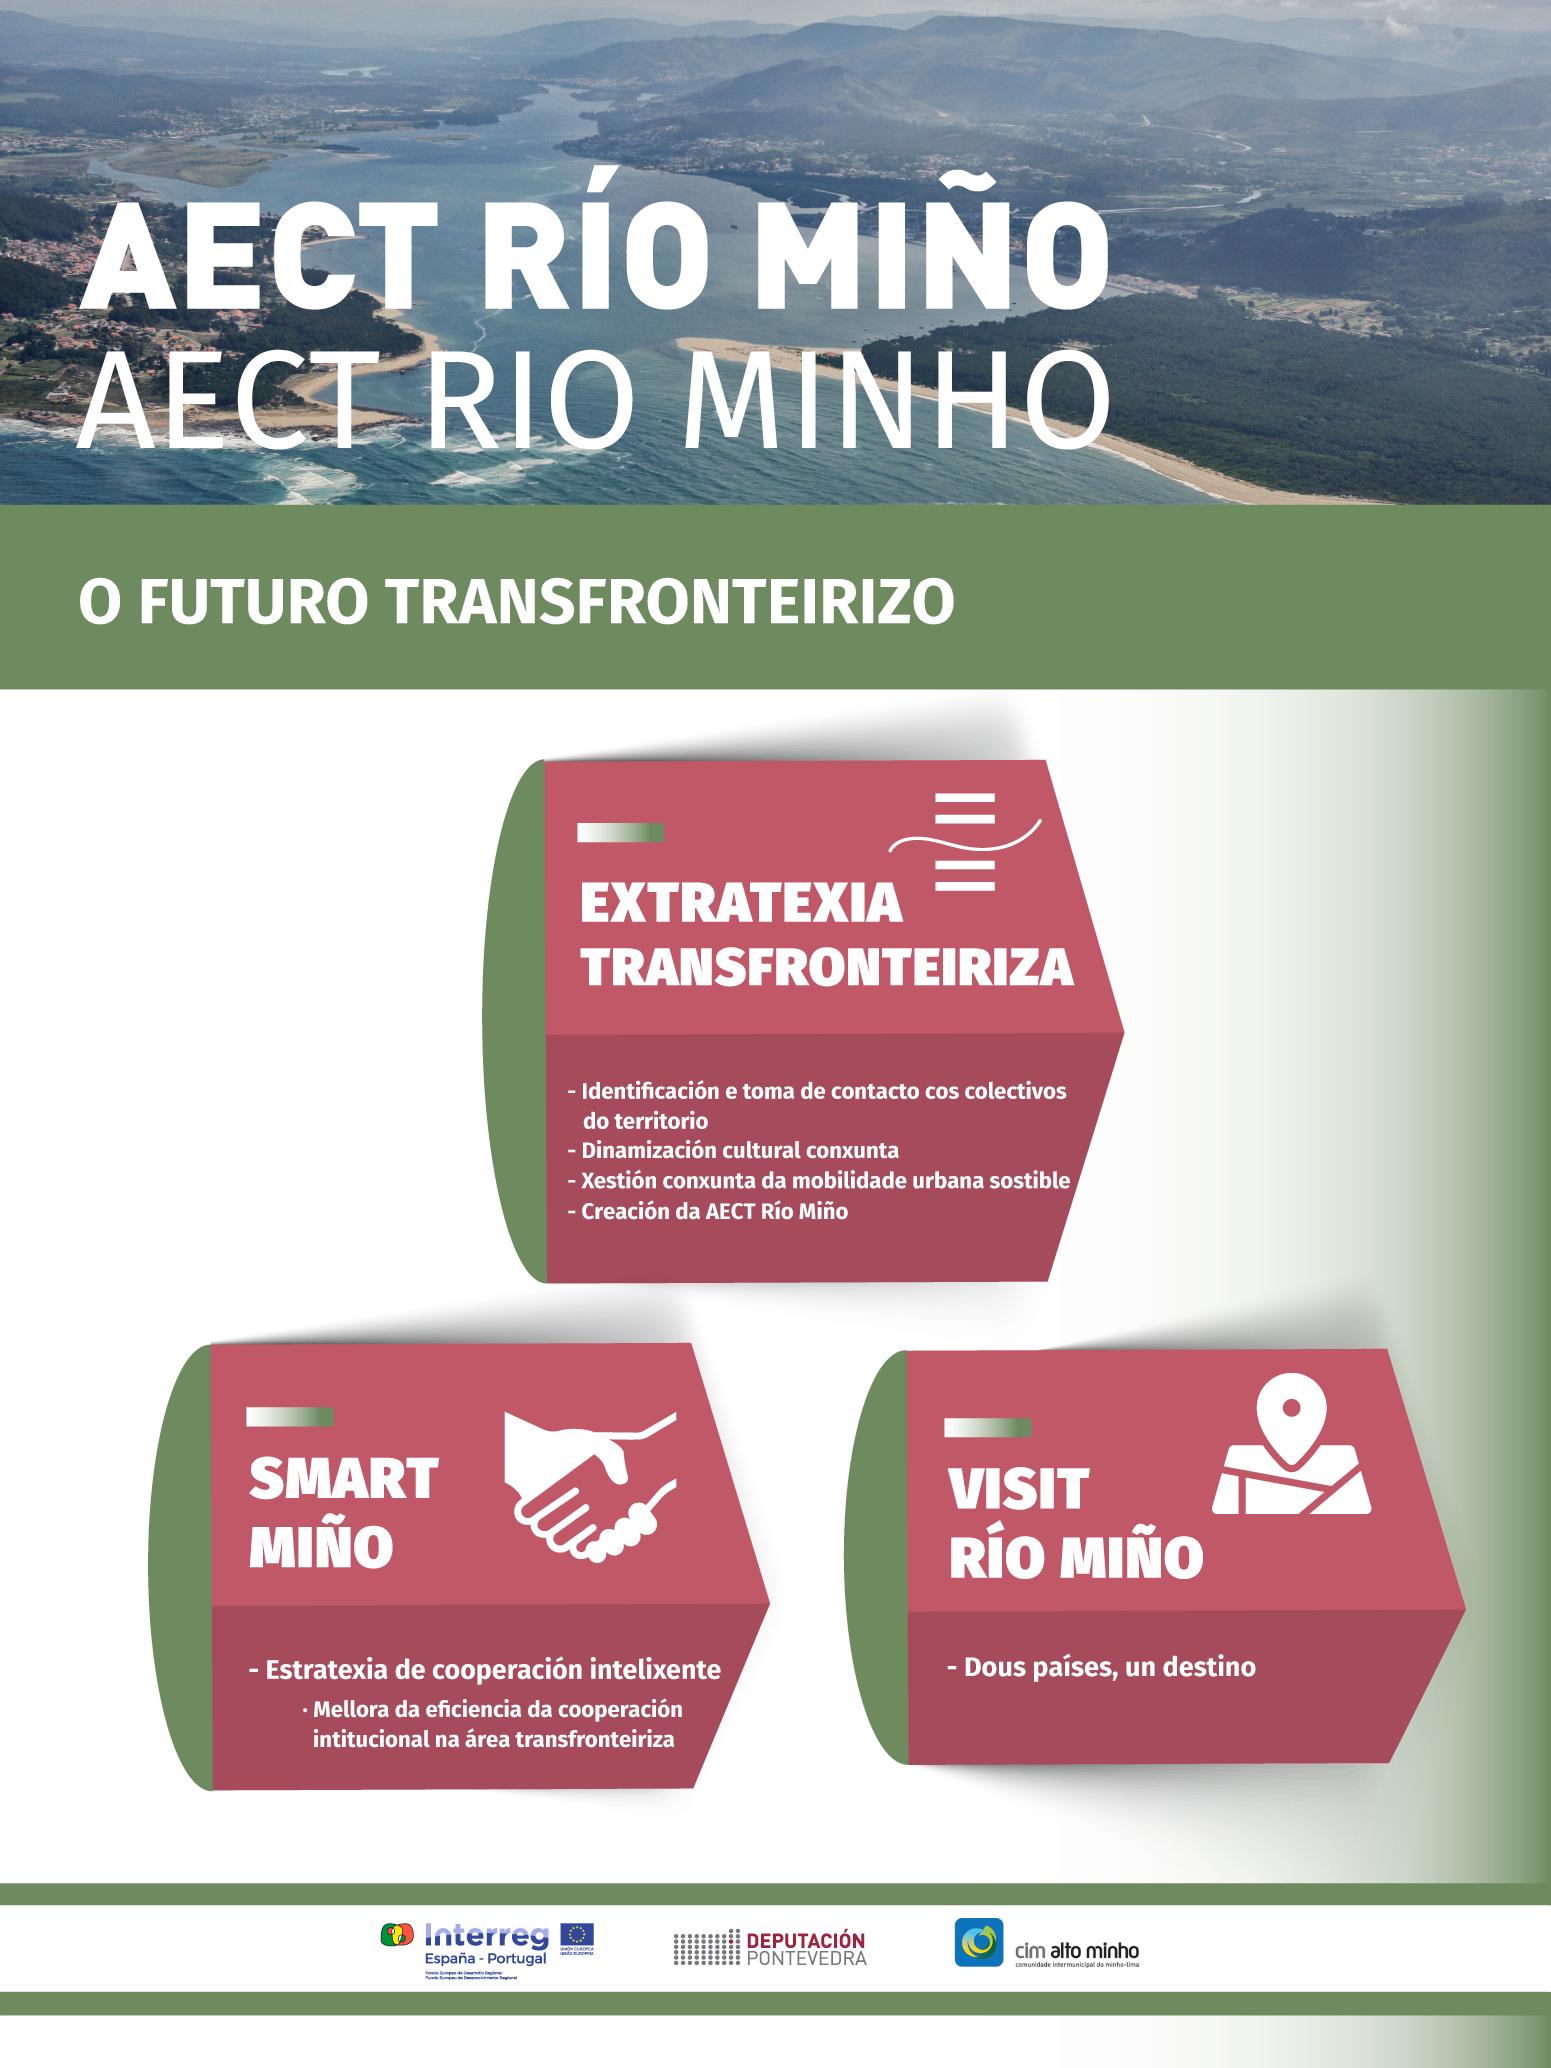 AECT RÍO MIÑO - O FUTURO TRANSFRONTEIRIZO